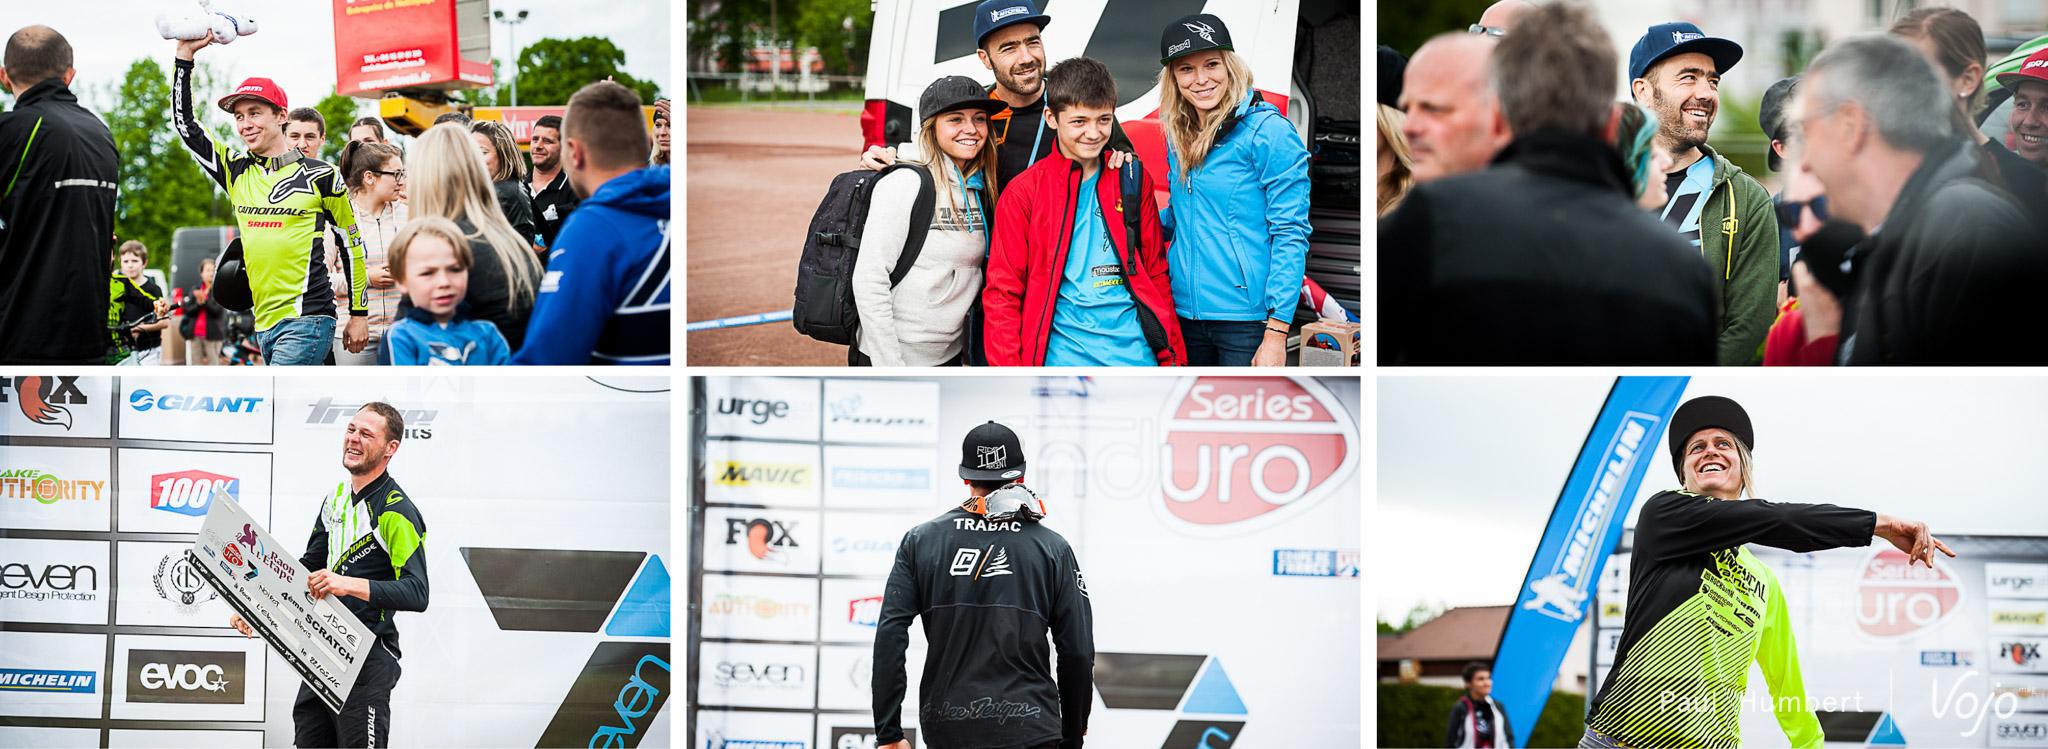 Raon-l-etape-vojo-2016-paul-humbert-87